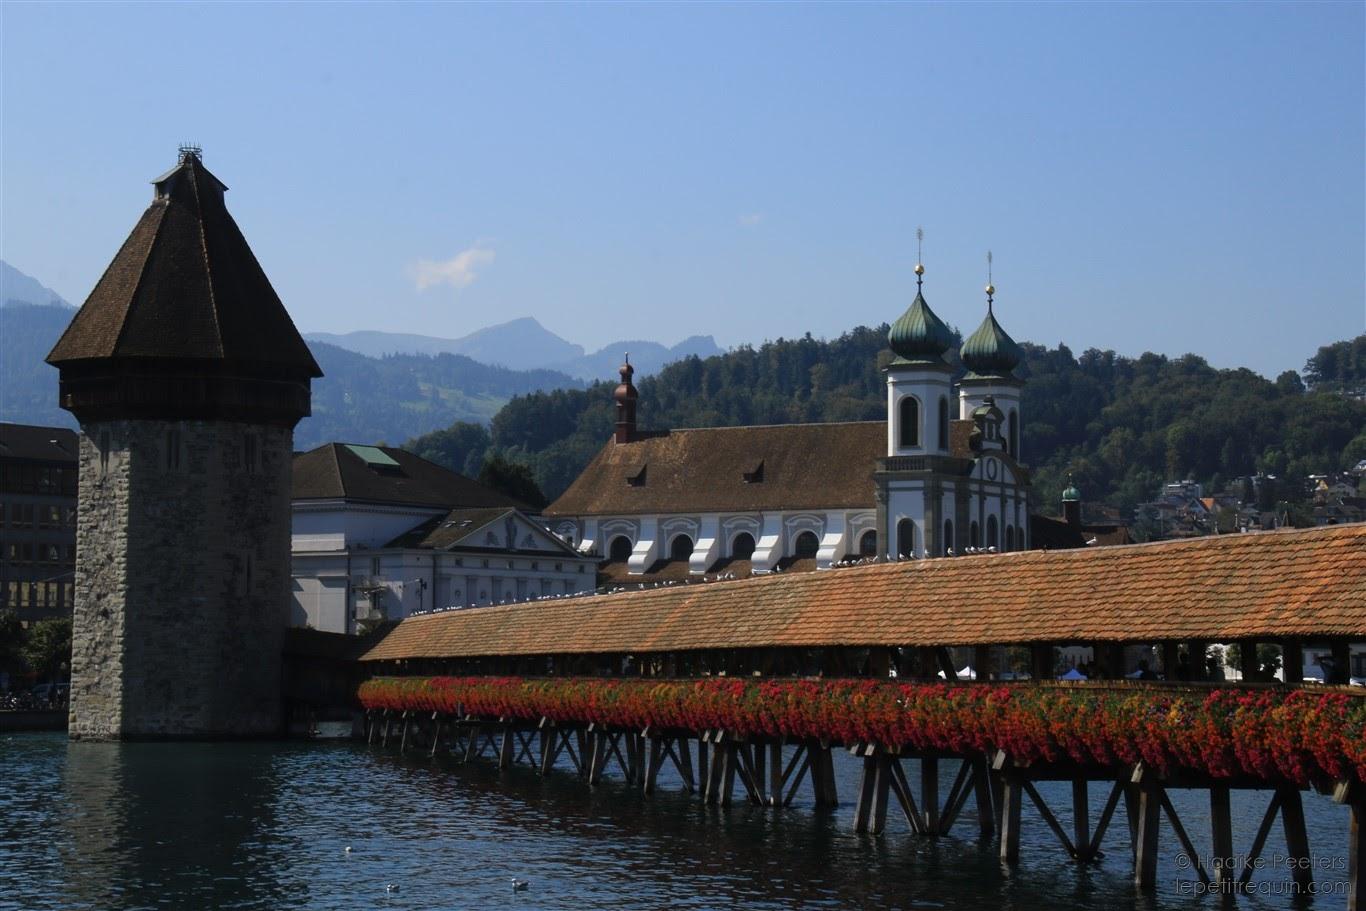 Luzern (Le petit requin)